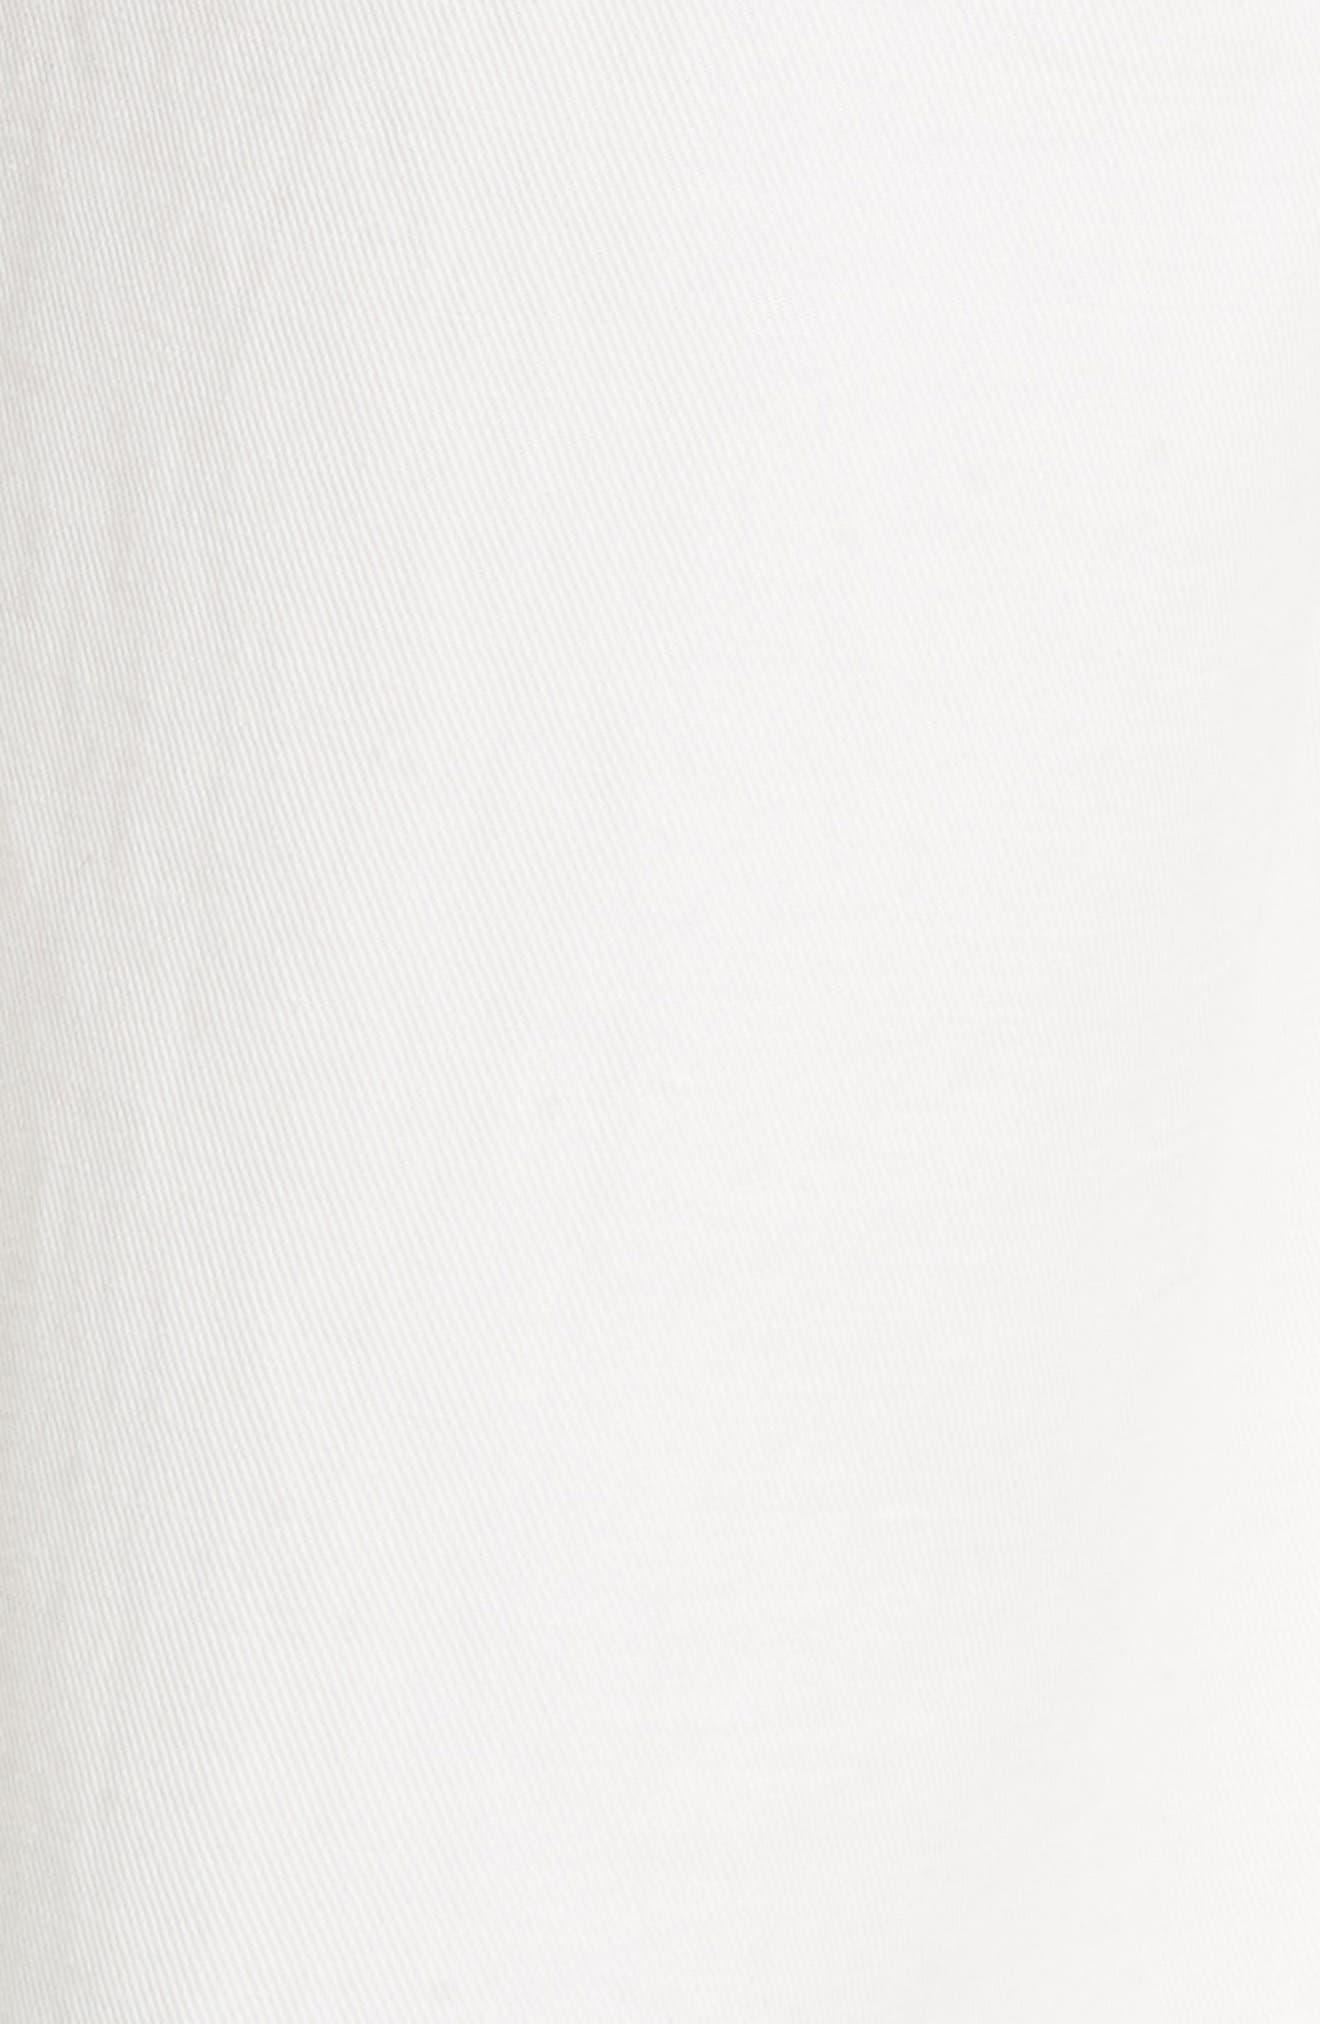 High Rise Linen Cotton Crop Pants,                             Alternate thumbnail 5, color,                             Off White